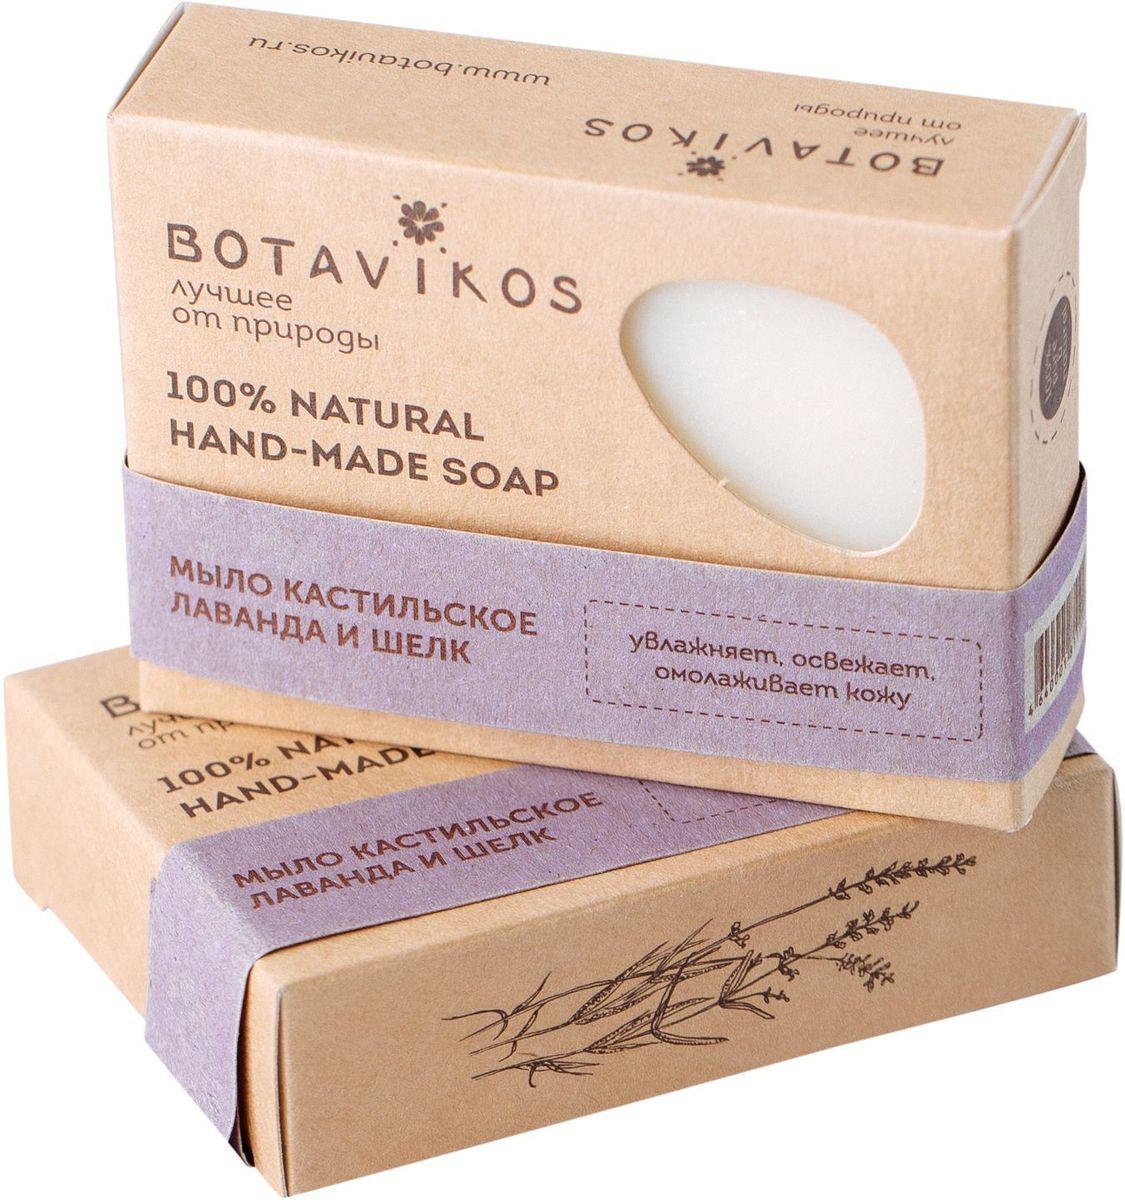 Botavikos мыло кастильское Лаванда и Шелк00009292Кастильское мыло, изящная душистая композиция которого сочетает сладость лаванды с травянистой пряностью розмарина, ласкает кожу как роскошный шелковый платок. Среди достоинств этого косметического шедевра – преобладающее количество в его составе нерафинированного оливкового масла (90%), которое оказывает на кожу непревзойденное смягчающее и очищающее действие благодаря рекордному содержанию олеиновой кислоты. Еще одна удивительная особенность кастильского мыла - чем старше мыло, тем оно лучше, мягче и нежнее.Натуральные жирные масла – кокосовое, пальмовое и касторовое, поддерживающие оливковую основу кастильского мыла, отвечают за базовый уход за лицом и телом, увлажняя и питая кожу.Эфирное масло лаванды обладает выраженными способностями снимать воспаление, раздражение, зуд, шелушение, отеки, покраснение при чувствительной коже. Улучшает состояние и внешний вид уставшей кожи, освежая, тонизируя и придавая упругость. Аромат лаванды придает сил в минуты слабости, успокаивает, гармонизирует эмоции.Пептиды натурального шелка, входящие в состав кастильского мыла, стимулируя выработку естественного коллагена, разглаживают небольшие морщинки, придают коже мягкость и эластичность, позволяют сохранить природную влагу.Эфирное масло розмарина также направлено на достижение омолаживающего эффекта. Оно деликатно заботится о возрастной истощенной коже, улучшая ее текстуру и повышая упругость.